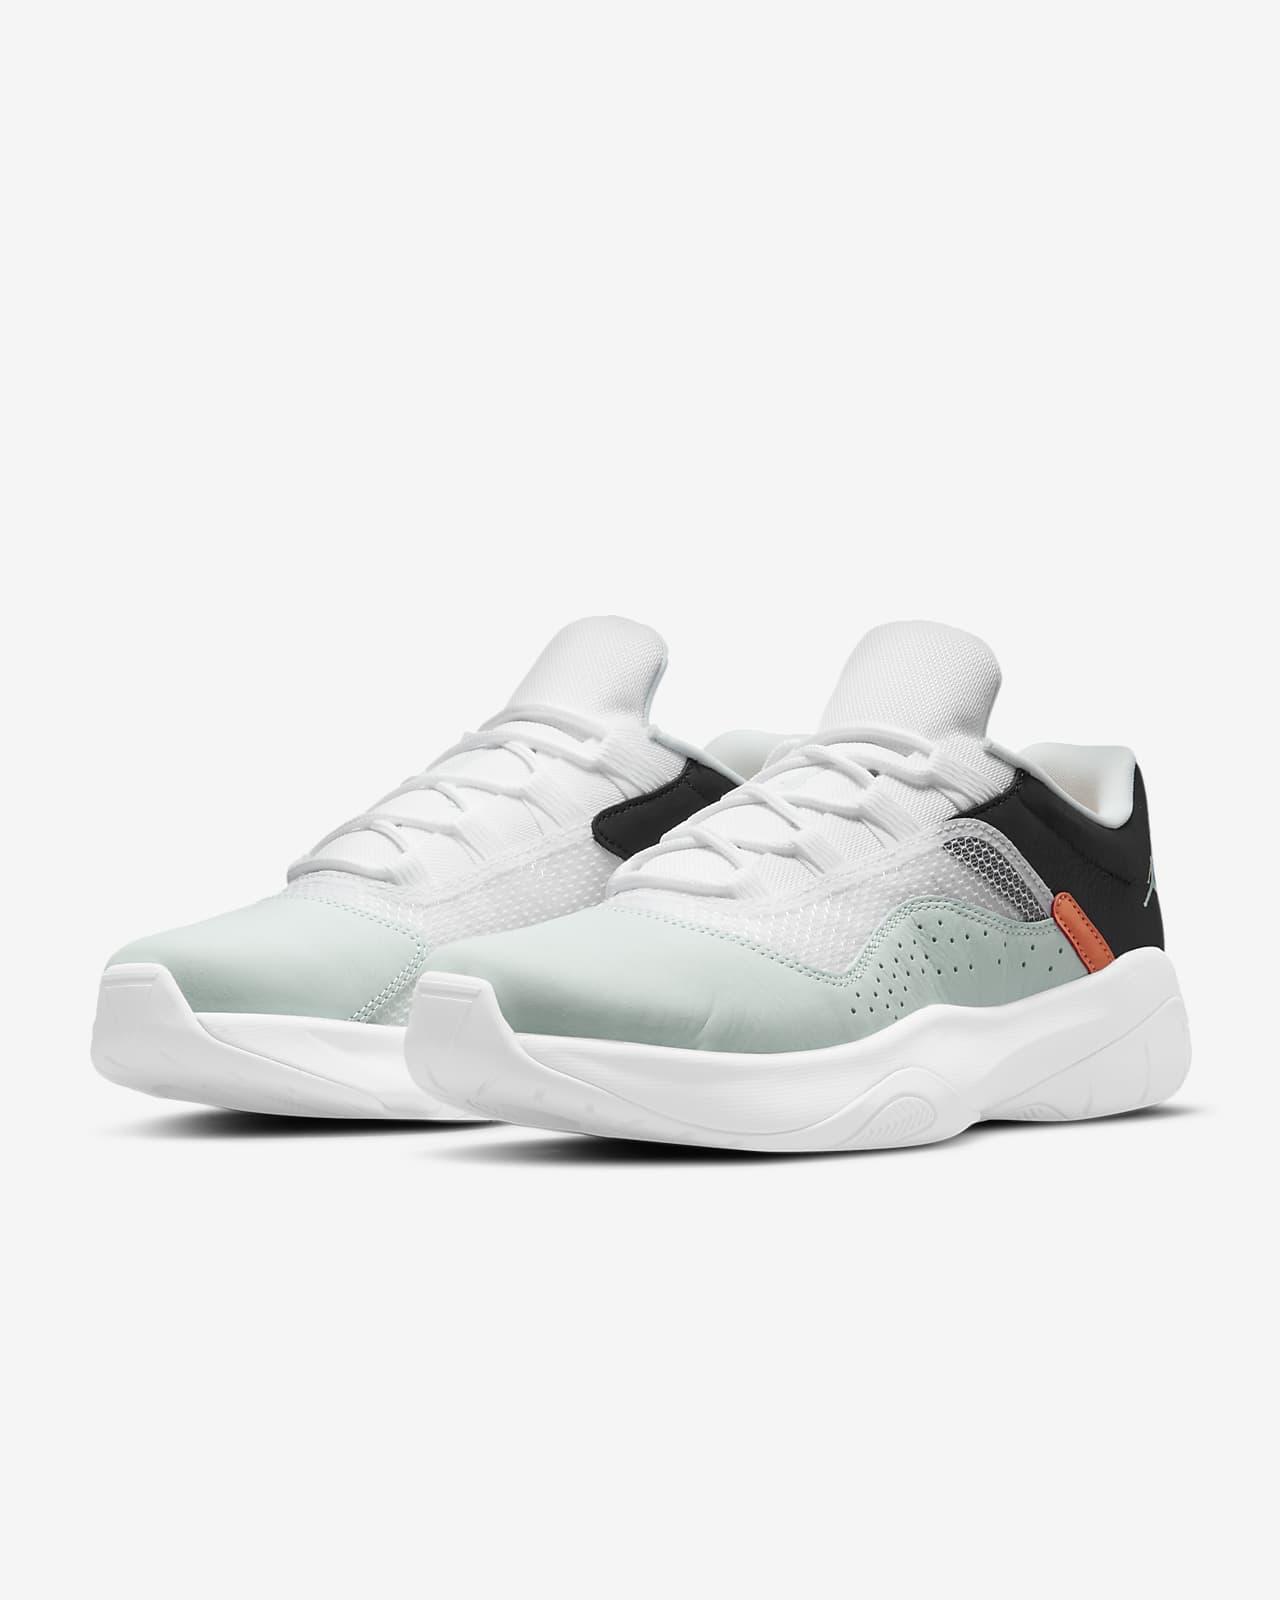 Air Jordan 11 CMFT Low Men's Shoes. Nike LU